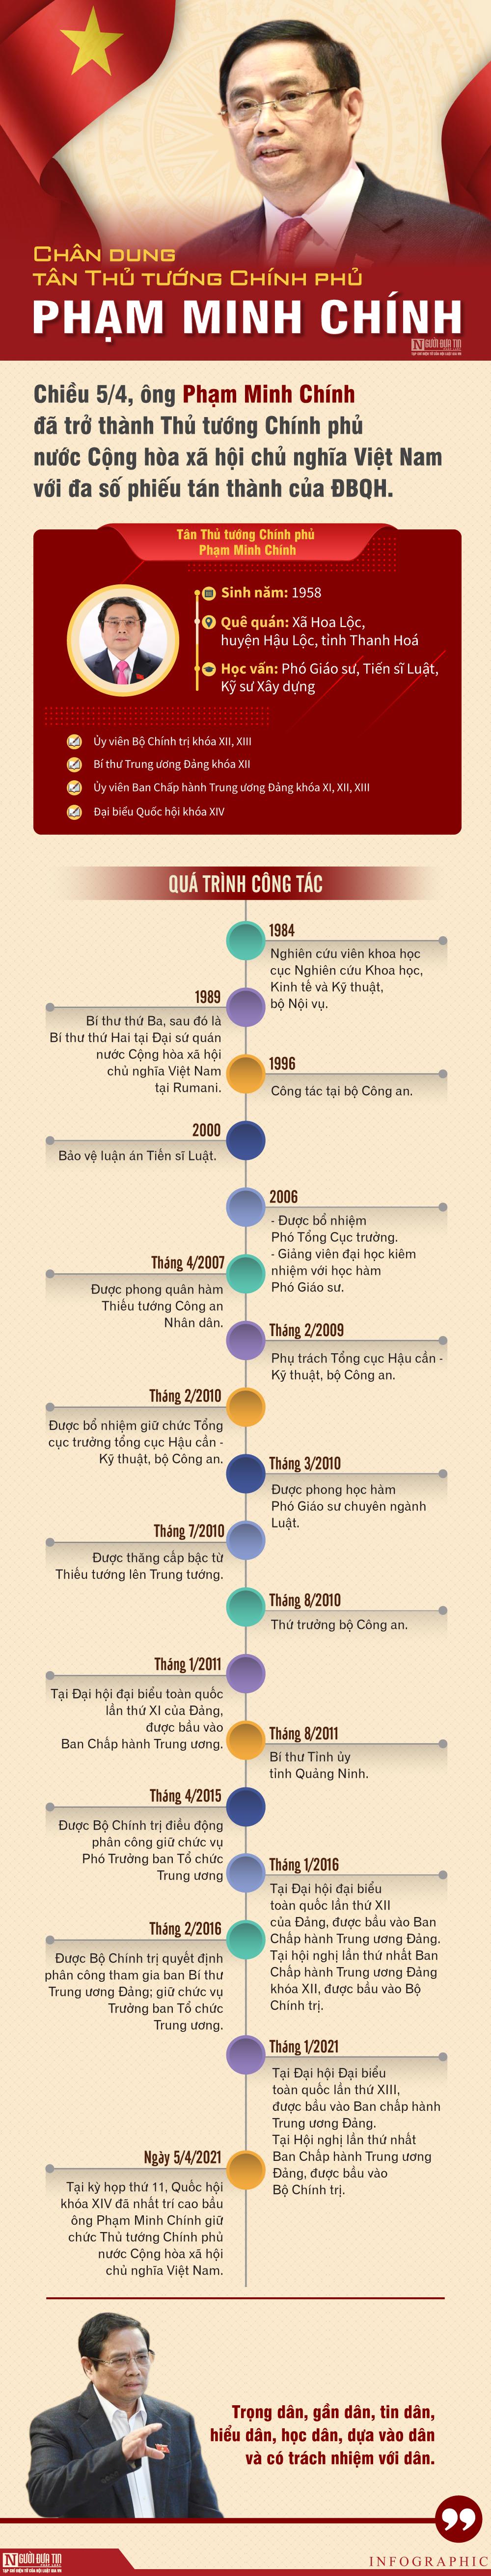 Chân dung tân Thủ tướng Chính phủ Phạm Minh Chính - Ảnh 1